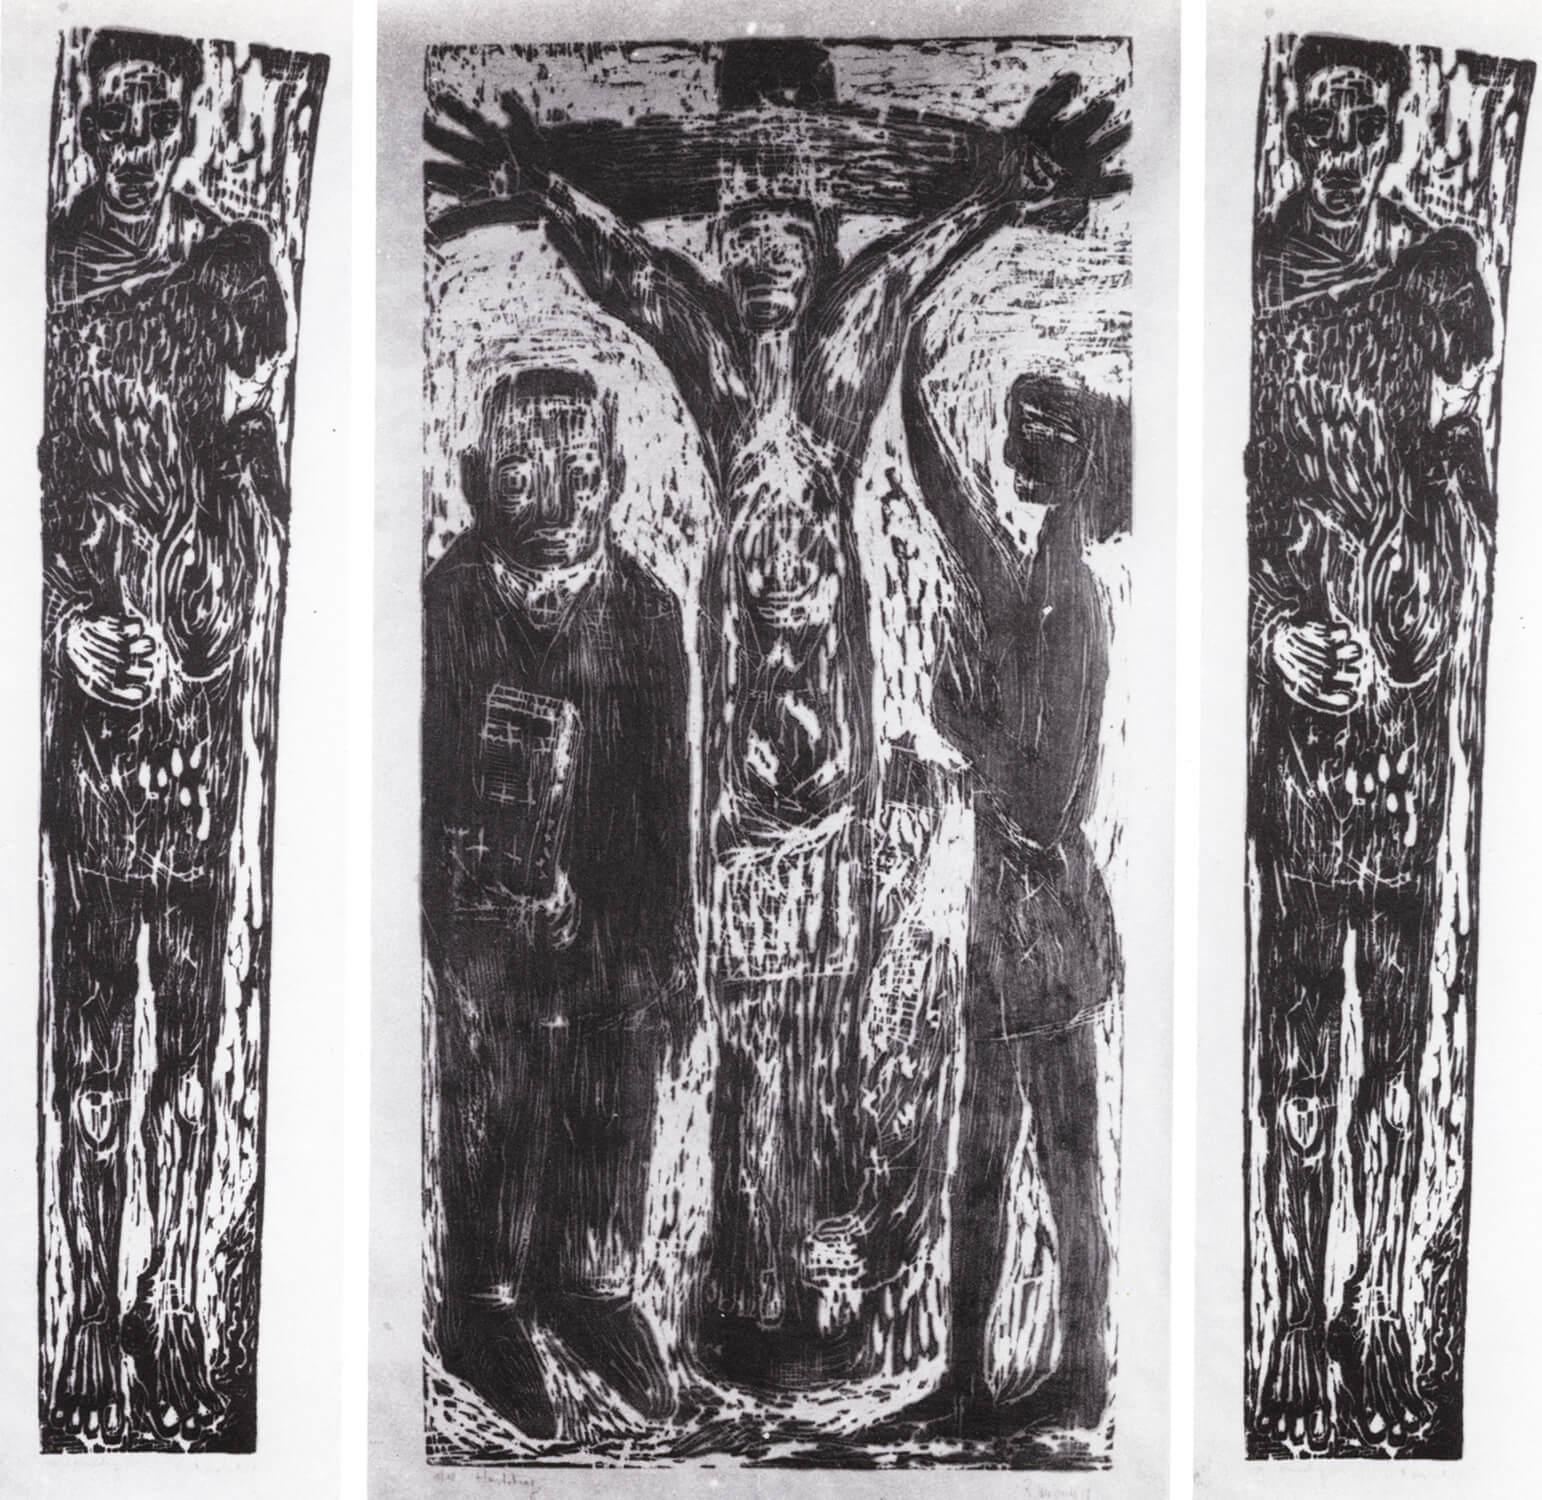 Ralf Kerbach, Kreuzigung (Triptychon), 1988, Holzschnitt, Auflage: 10, 210 x 180 cm